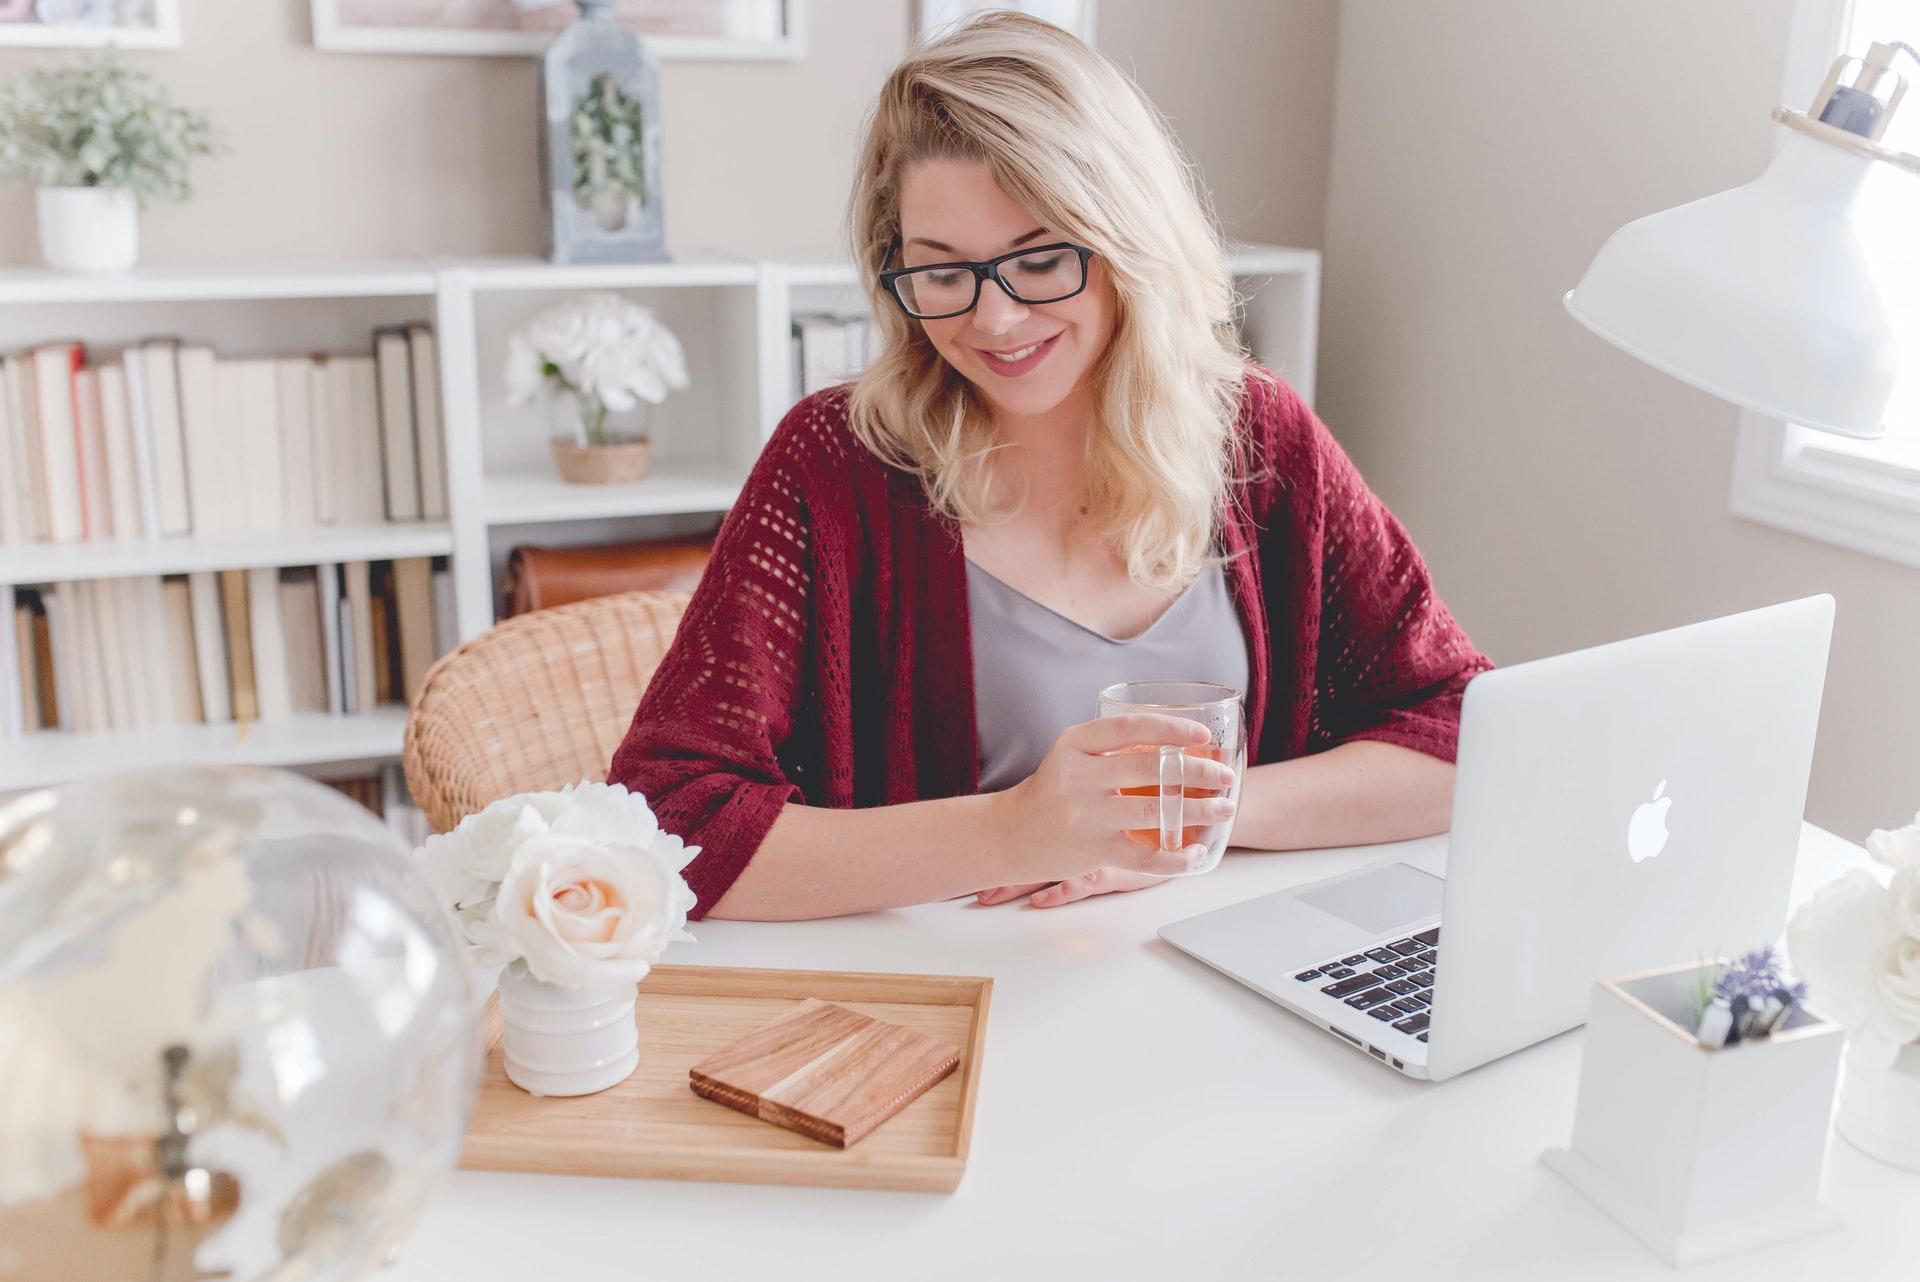 Qualité de vie au travail à domicile (QVTD) : quand la QVT dépasse les murs de l'entreprise